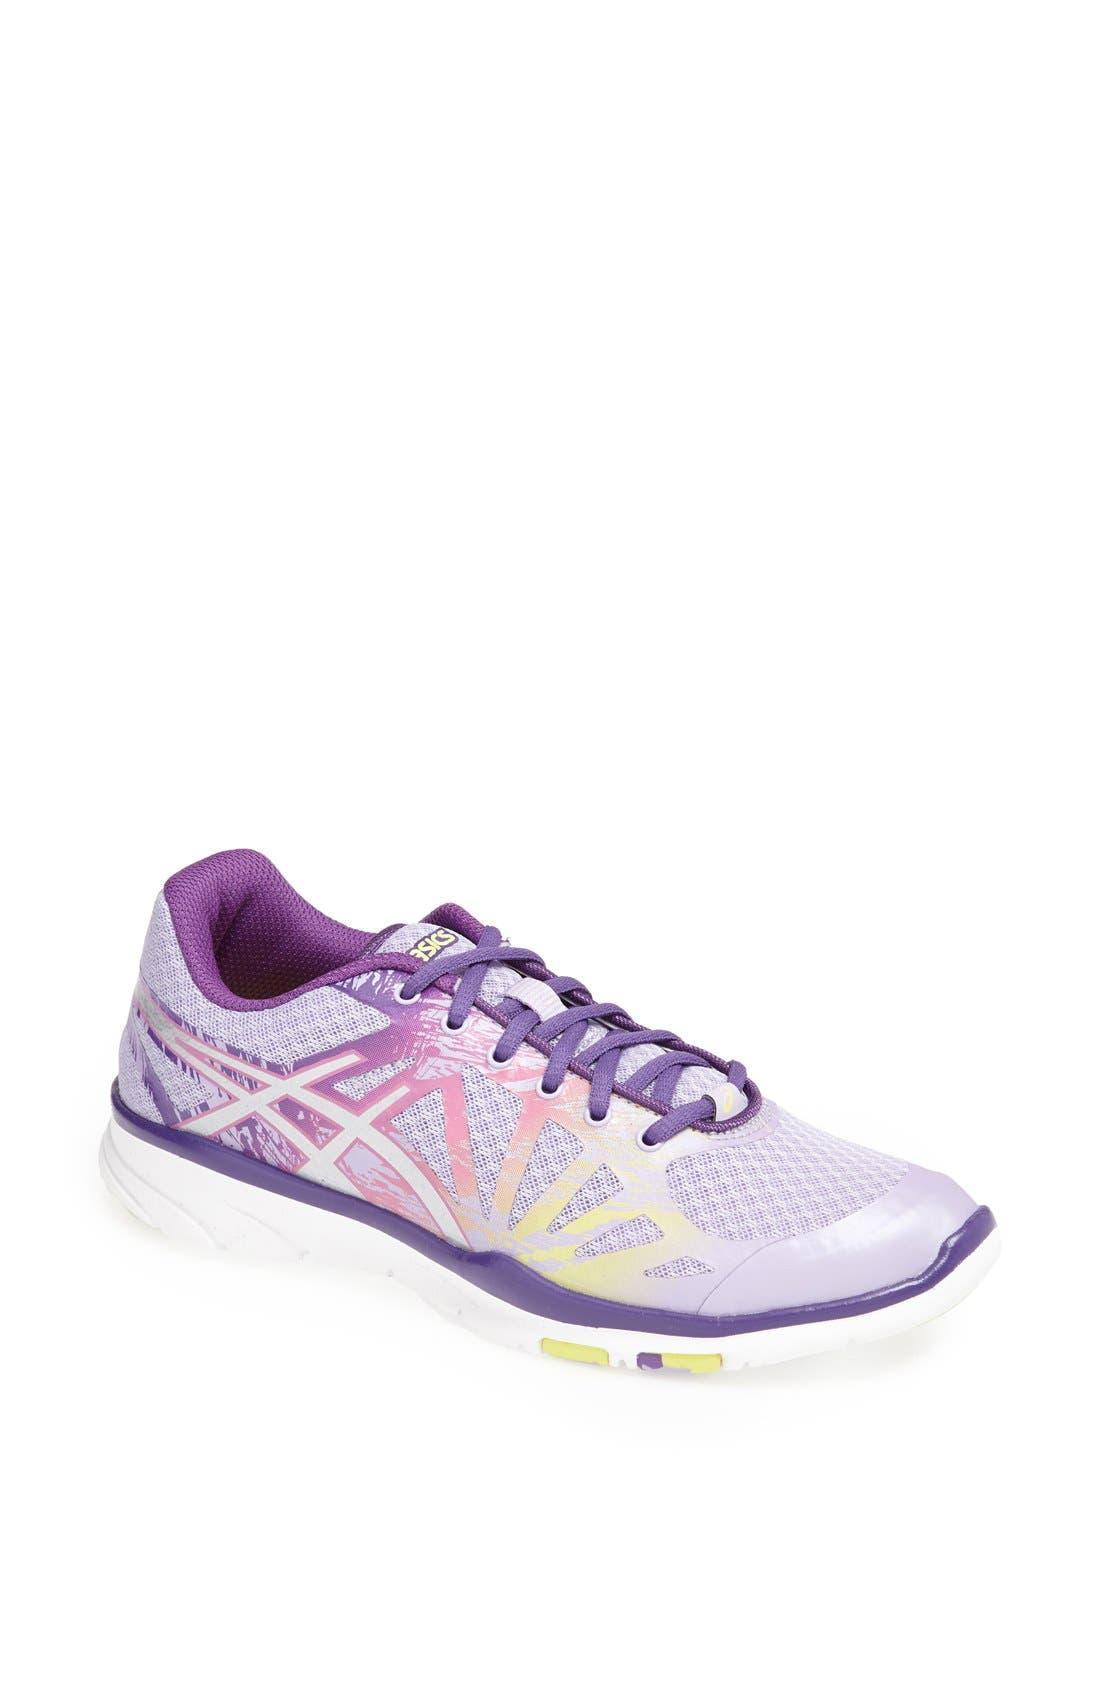 Main Image - ASICS® GEL-Harmony™ 2' Training Shoe (Women)